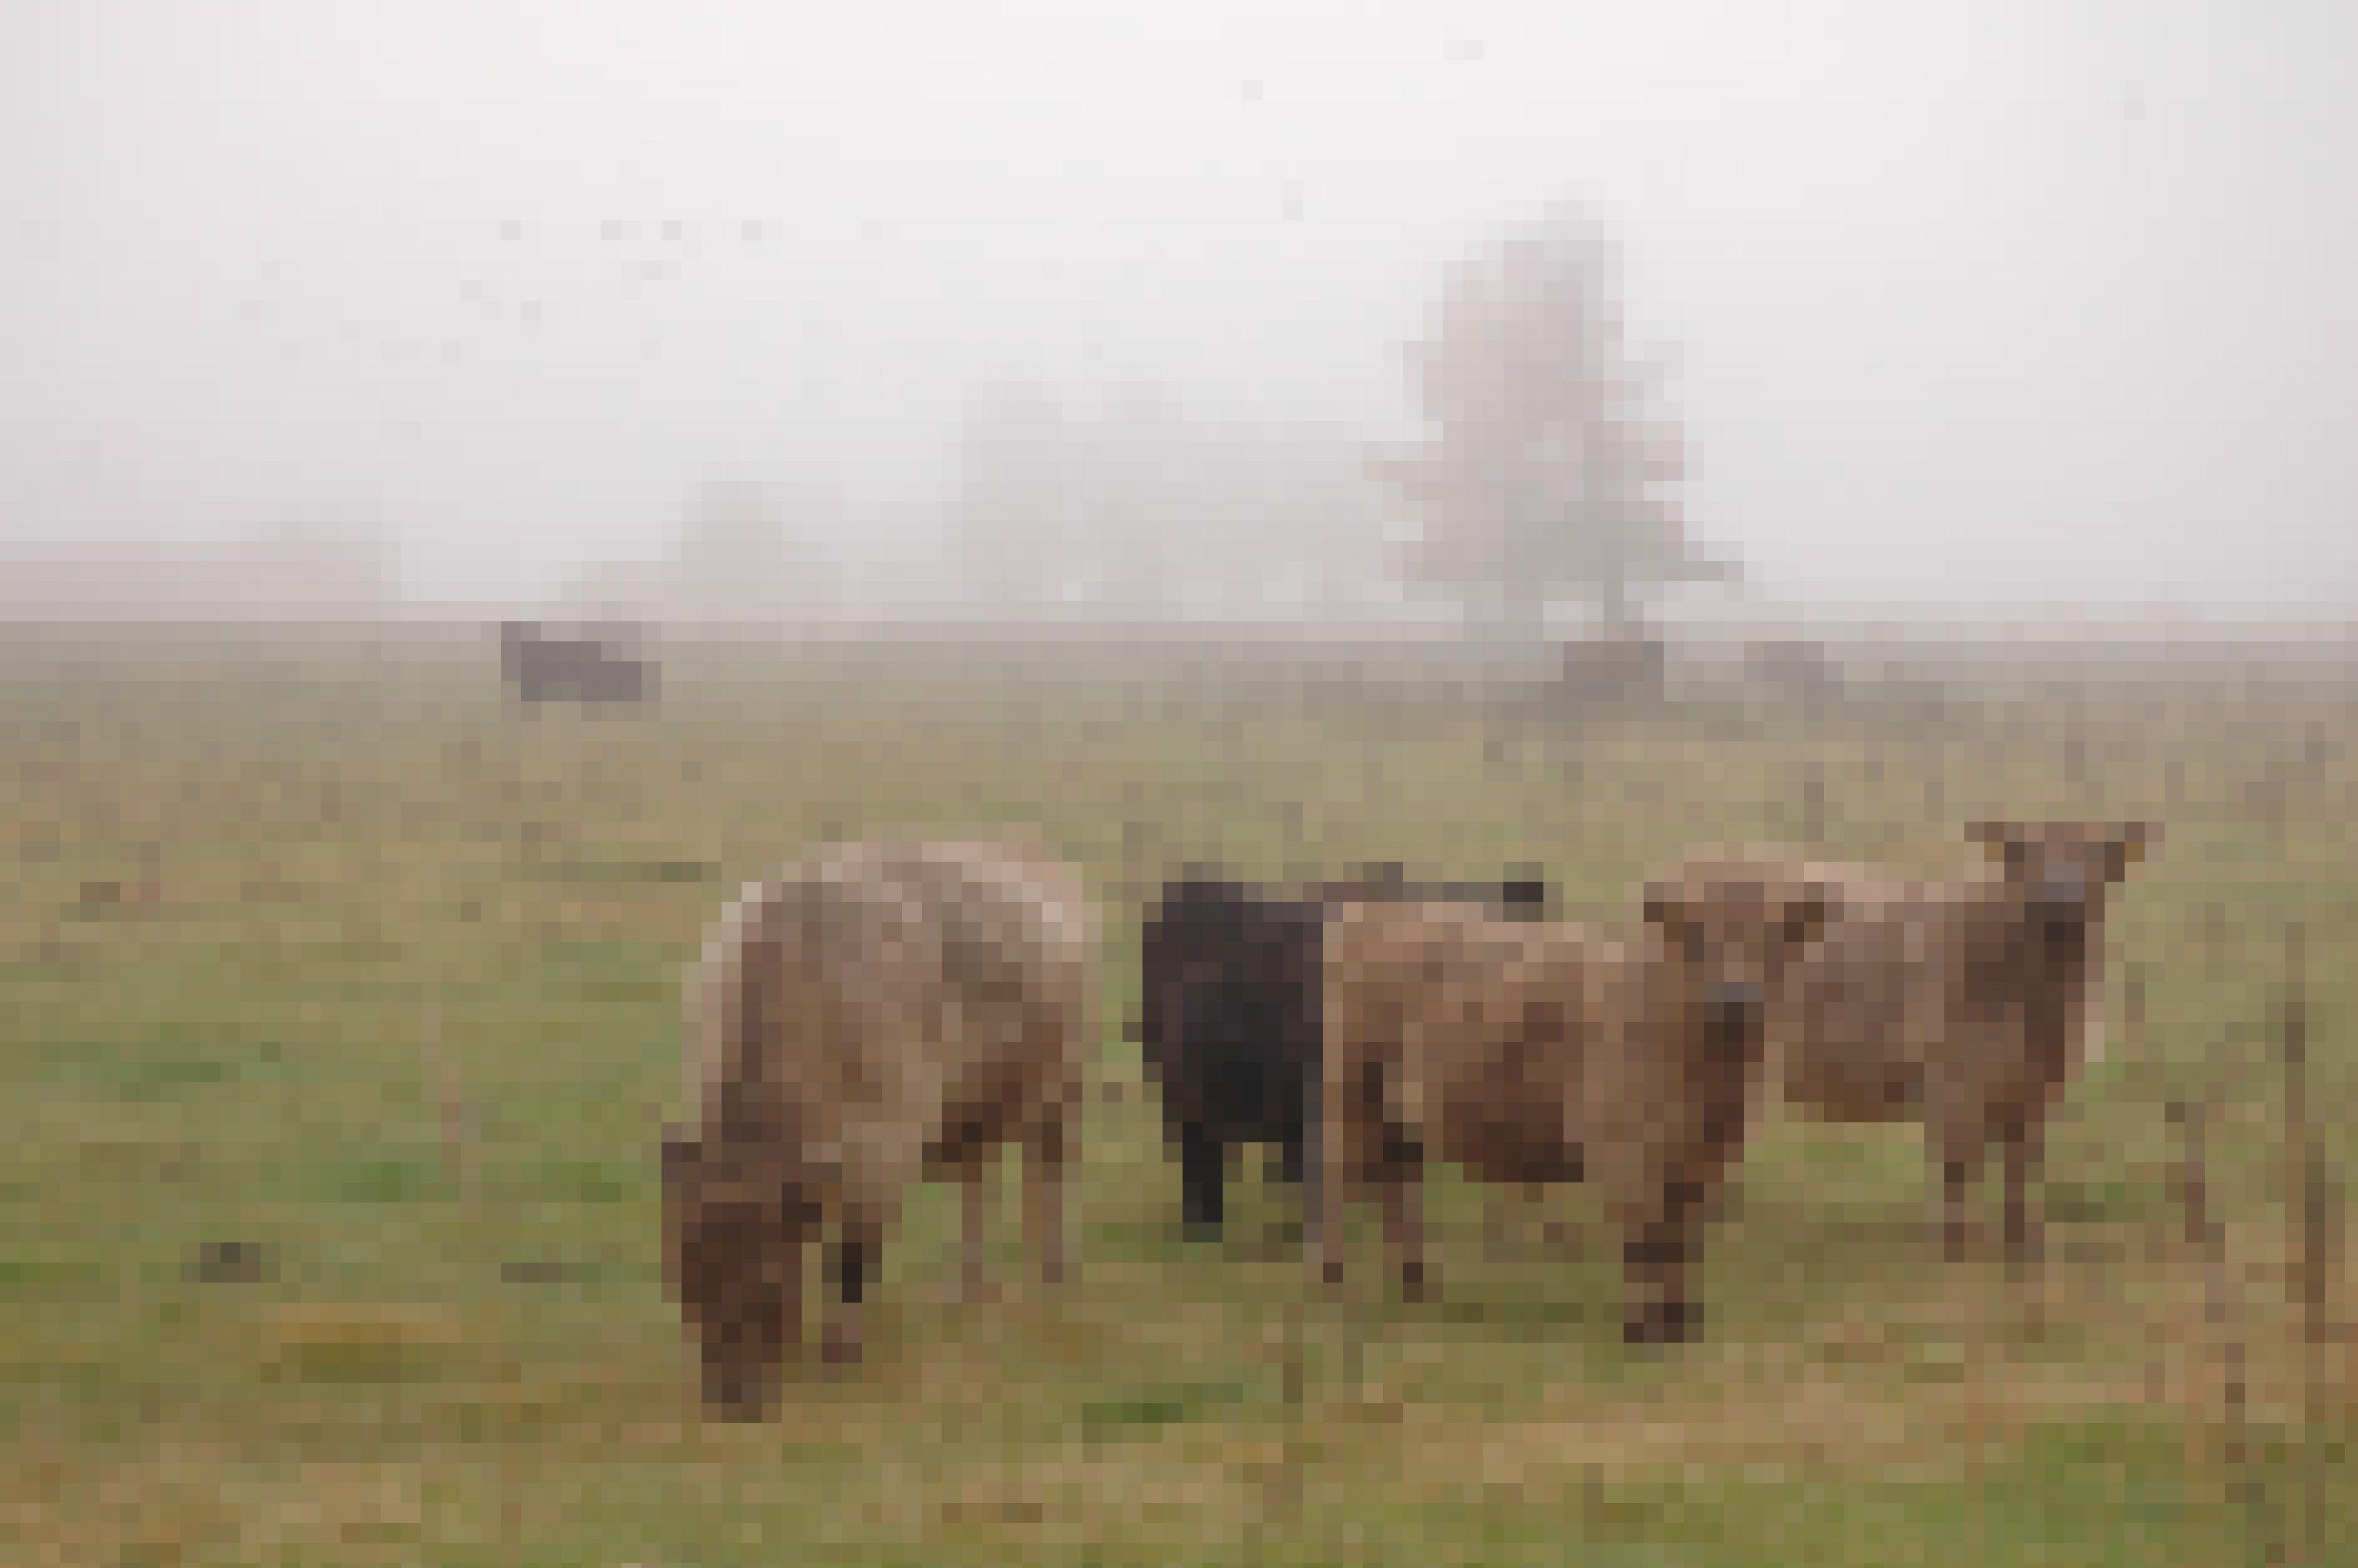 Eine kleine Gruppe zottiger Galloway-Rinder, teils hellbraun, teils schwarz, steht auf einer nebelverhangenen Wiese am Dümmer See